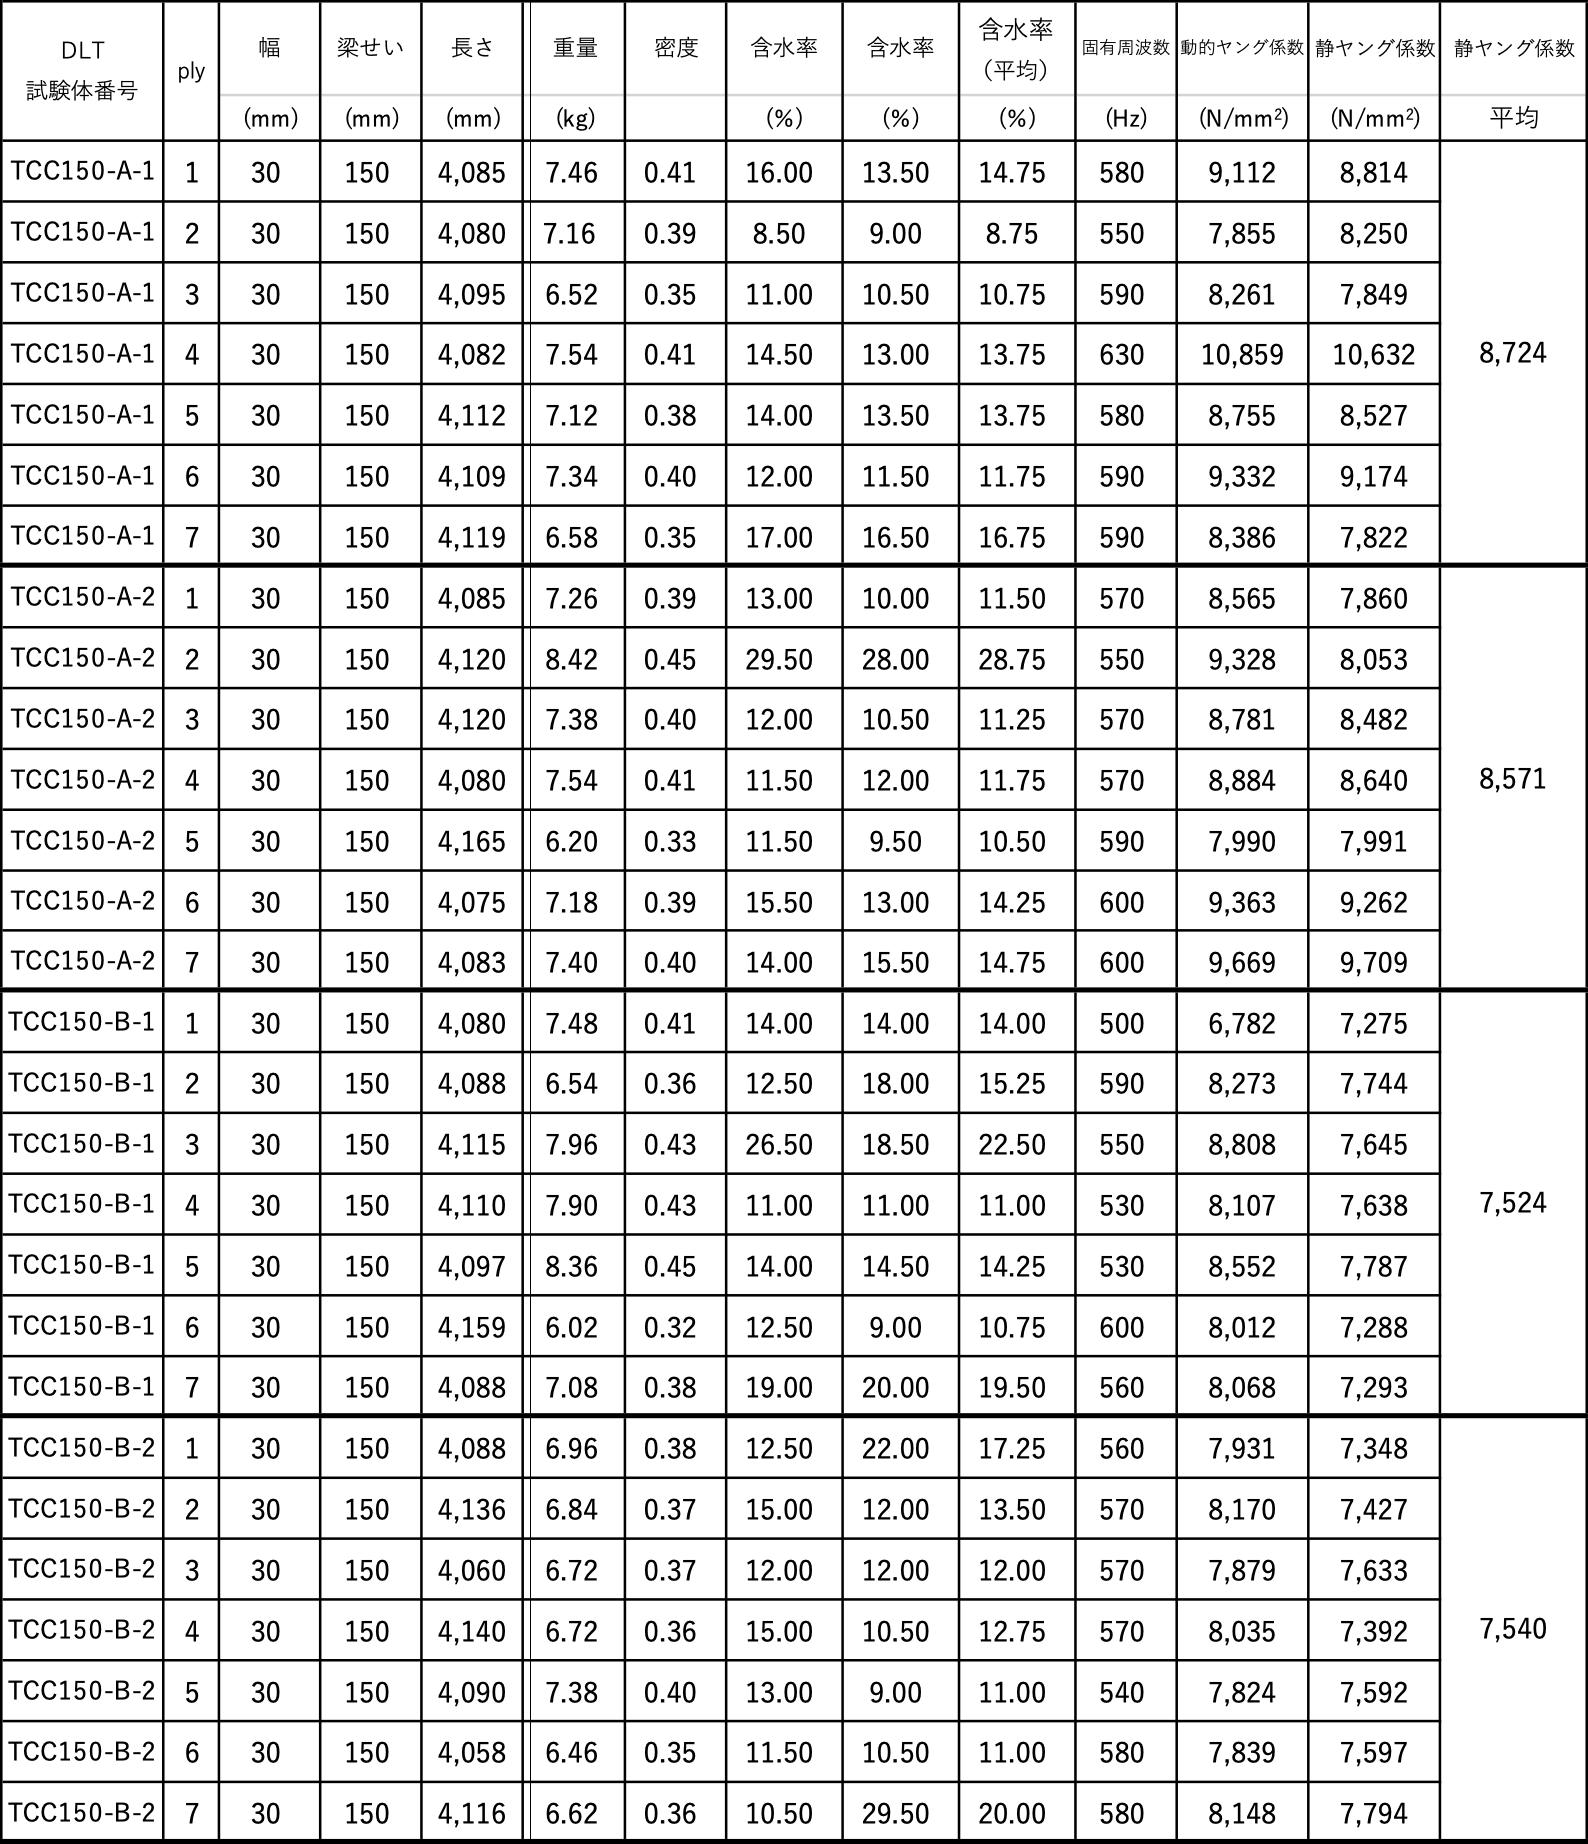 ウェブ材のヤング係数(3)